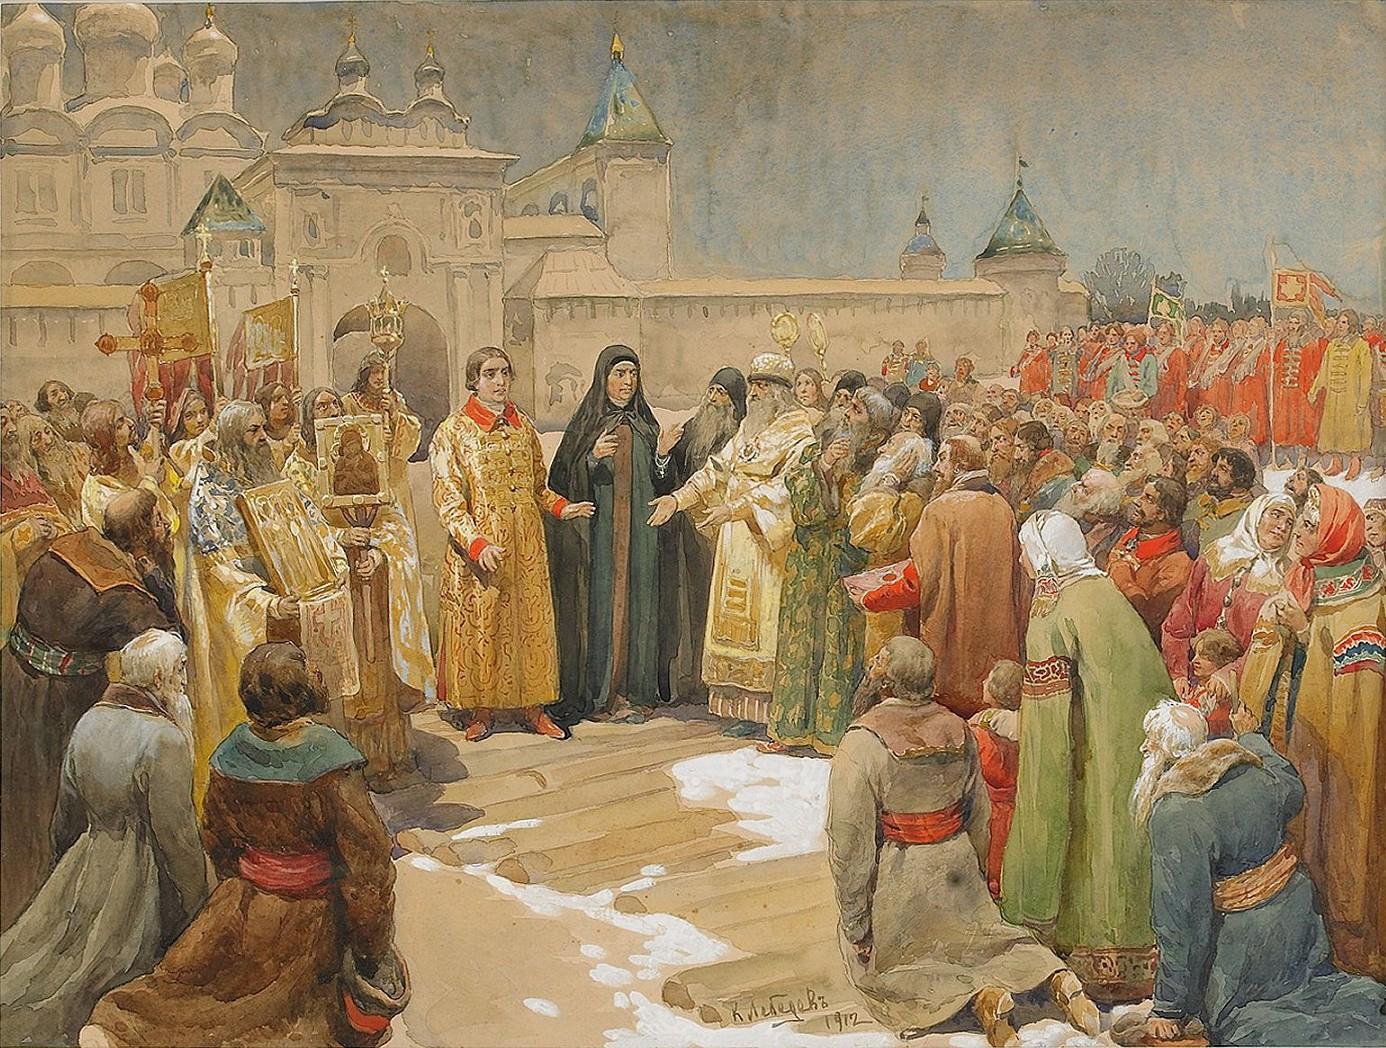 Клавдий Лебедев - Избрание Михаила Романова в 1613 году, 1912